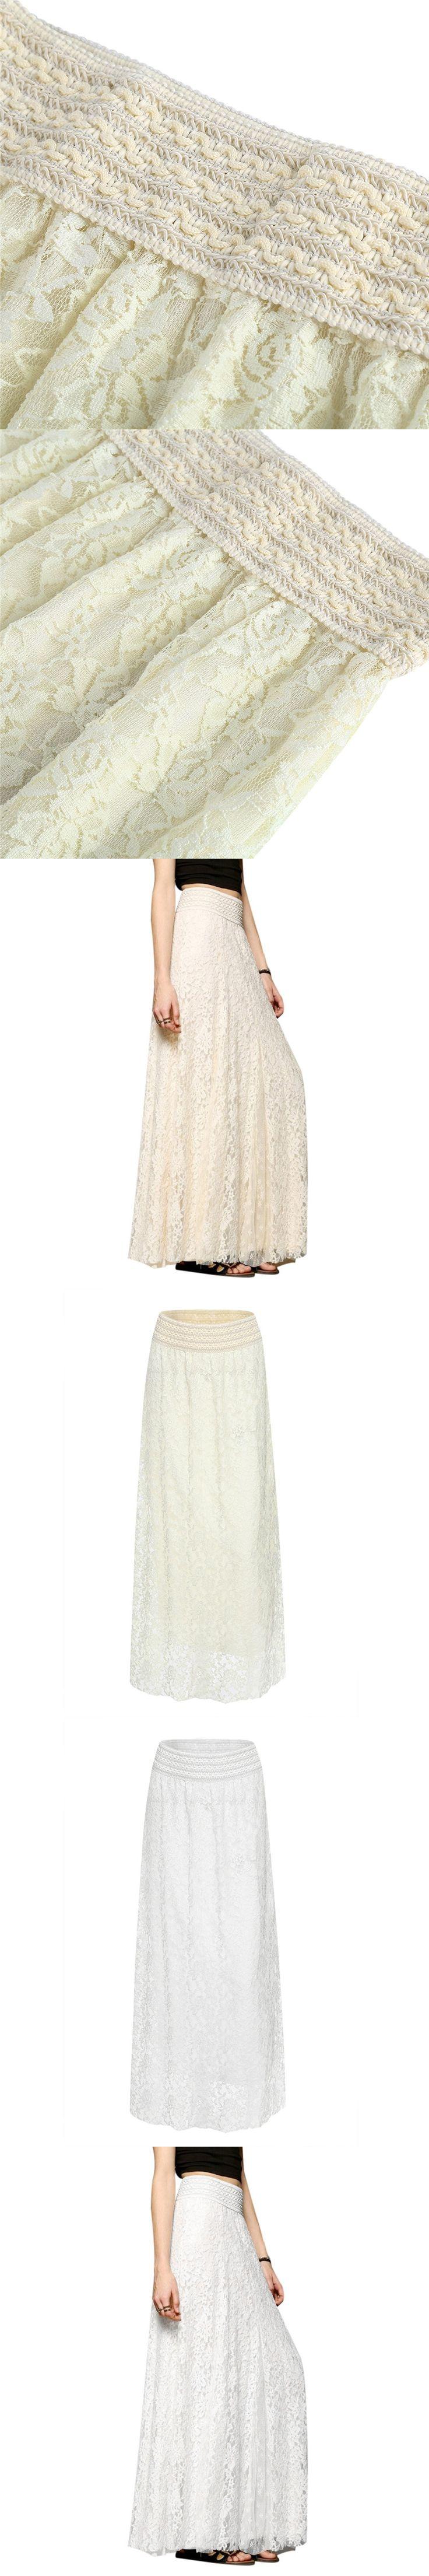 Long Maxi White Lace Skirts For Women 2017 Summer High Waist Adult Tulle Skirt Plus Size Elegant Ladies Office Skirt Jupe Femme